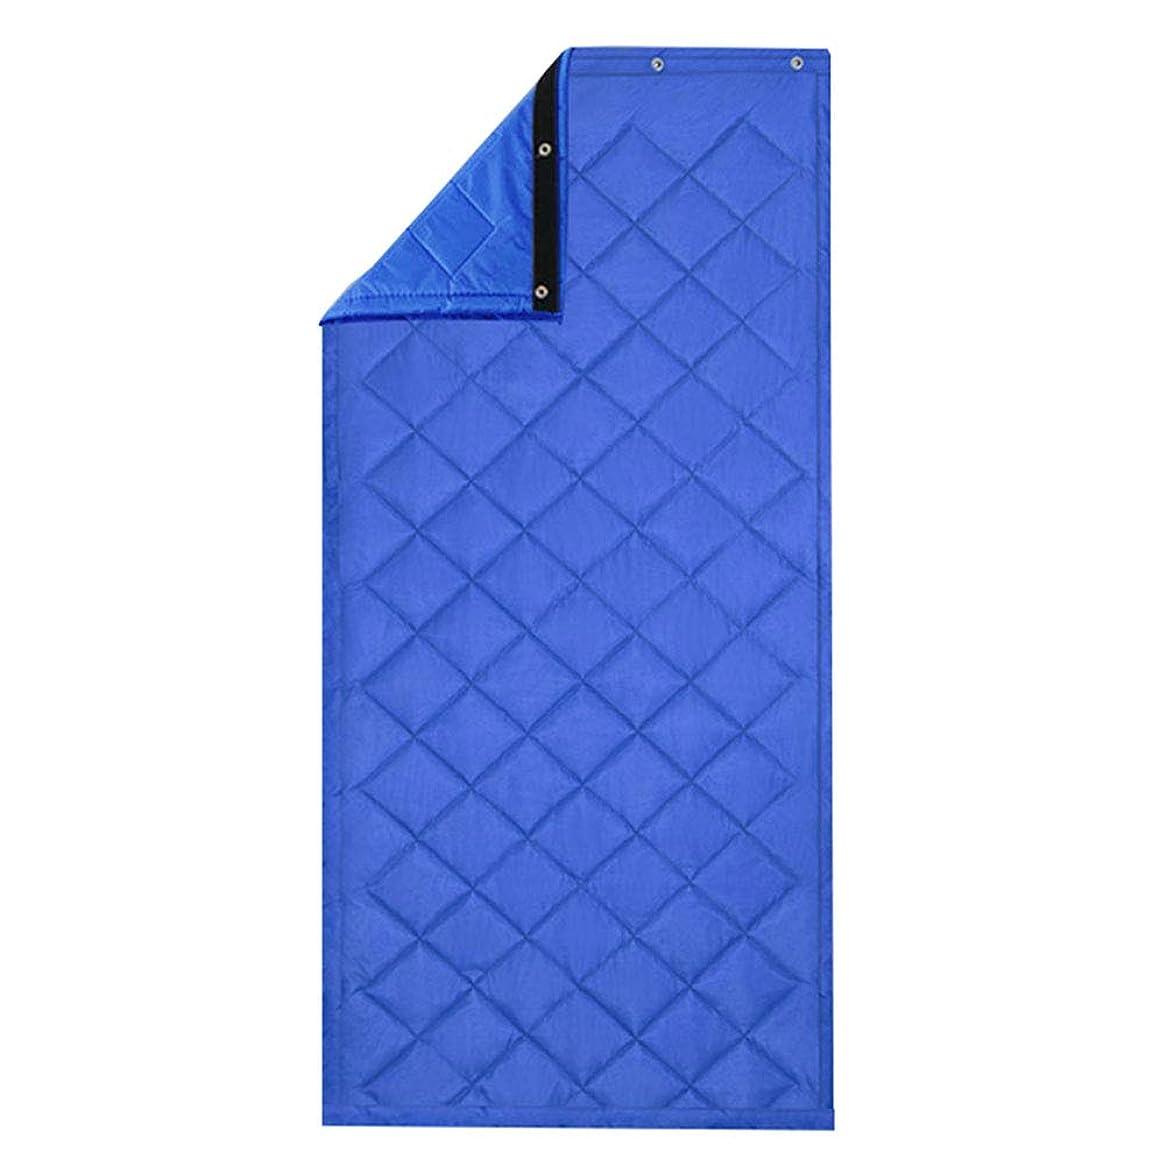 クラッシュ排除する群れWUFENG ドアカーテン 暖かく保つ 厚い 防風 遮音 パーティションカーテン 家庭、 5色 複数のサイズ カスタマイズ可能 (色 : B, サイズ さいず : 120x220cm)